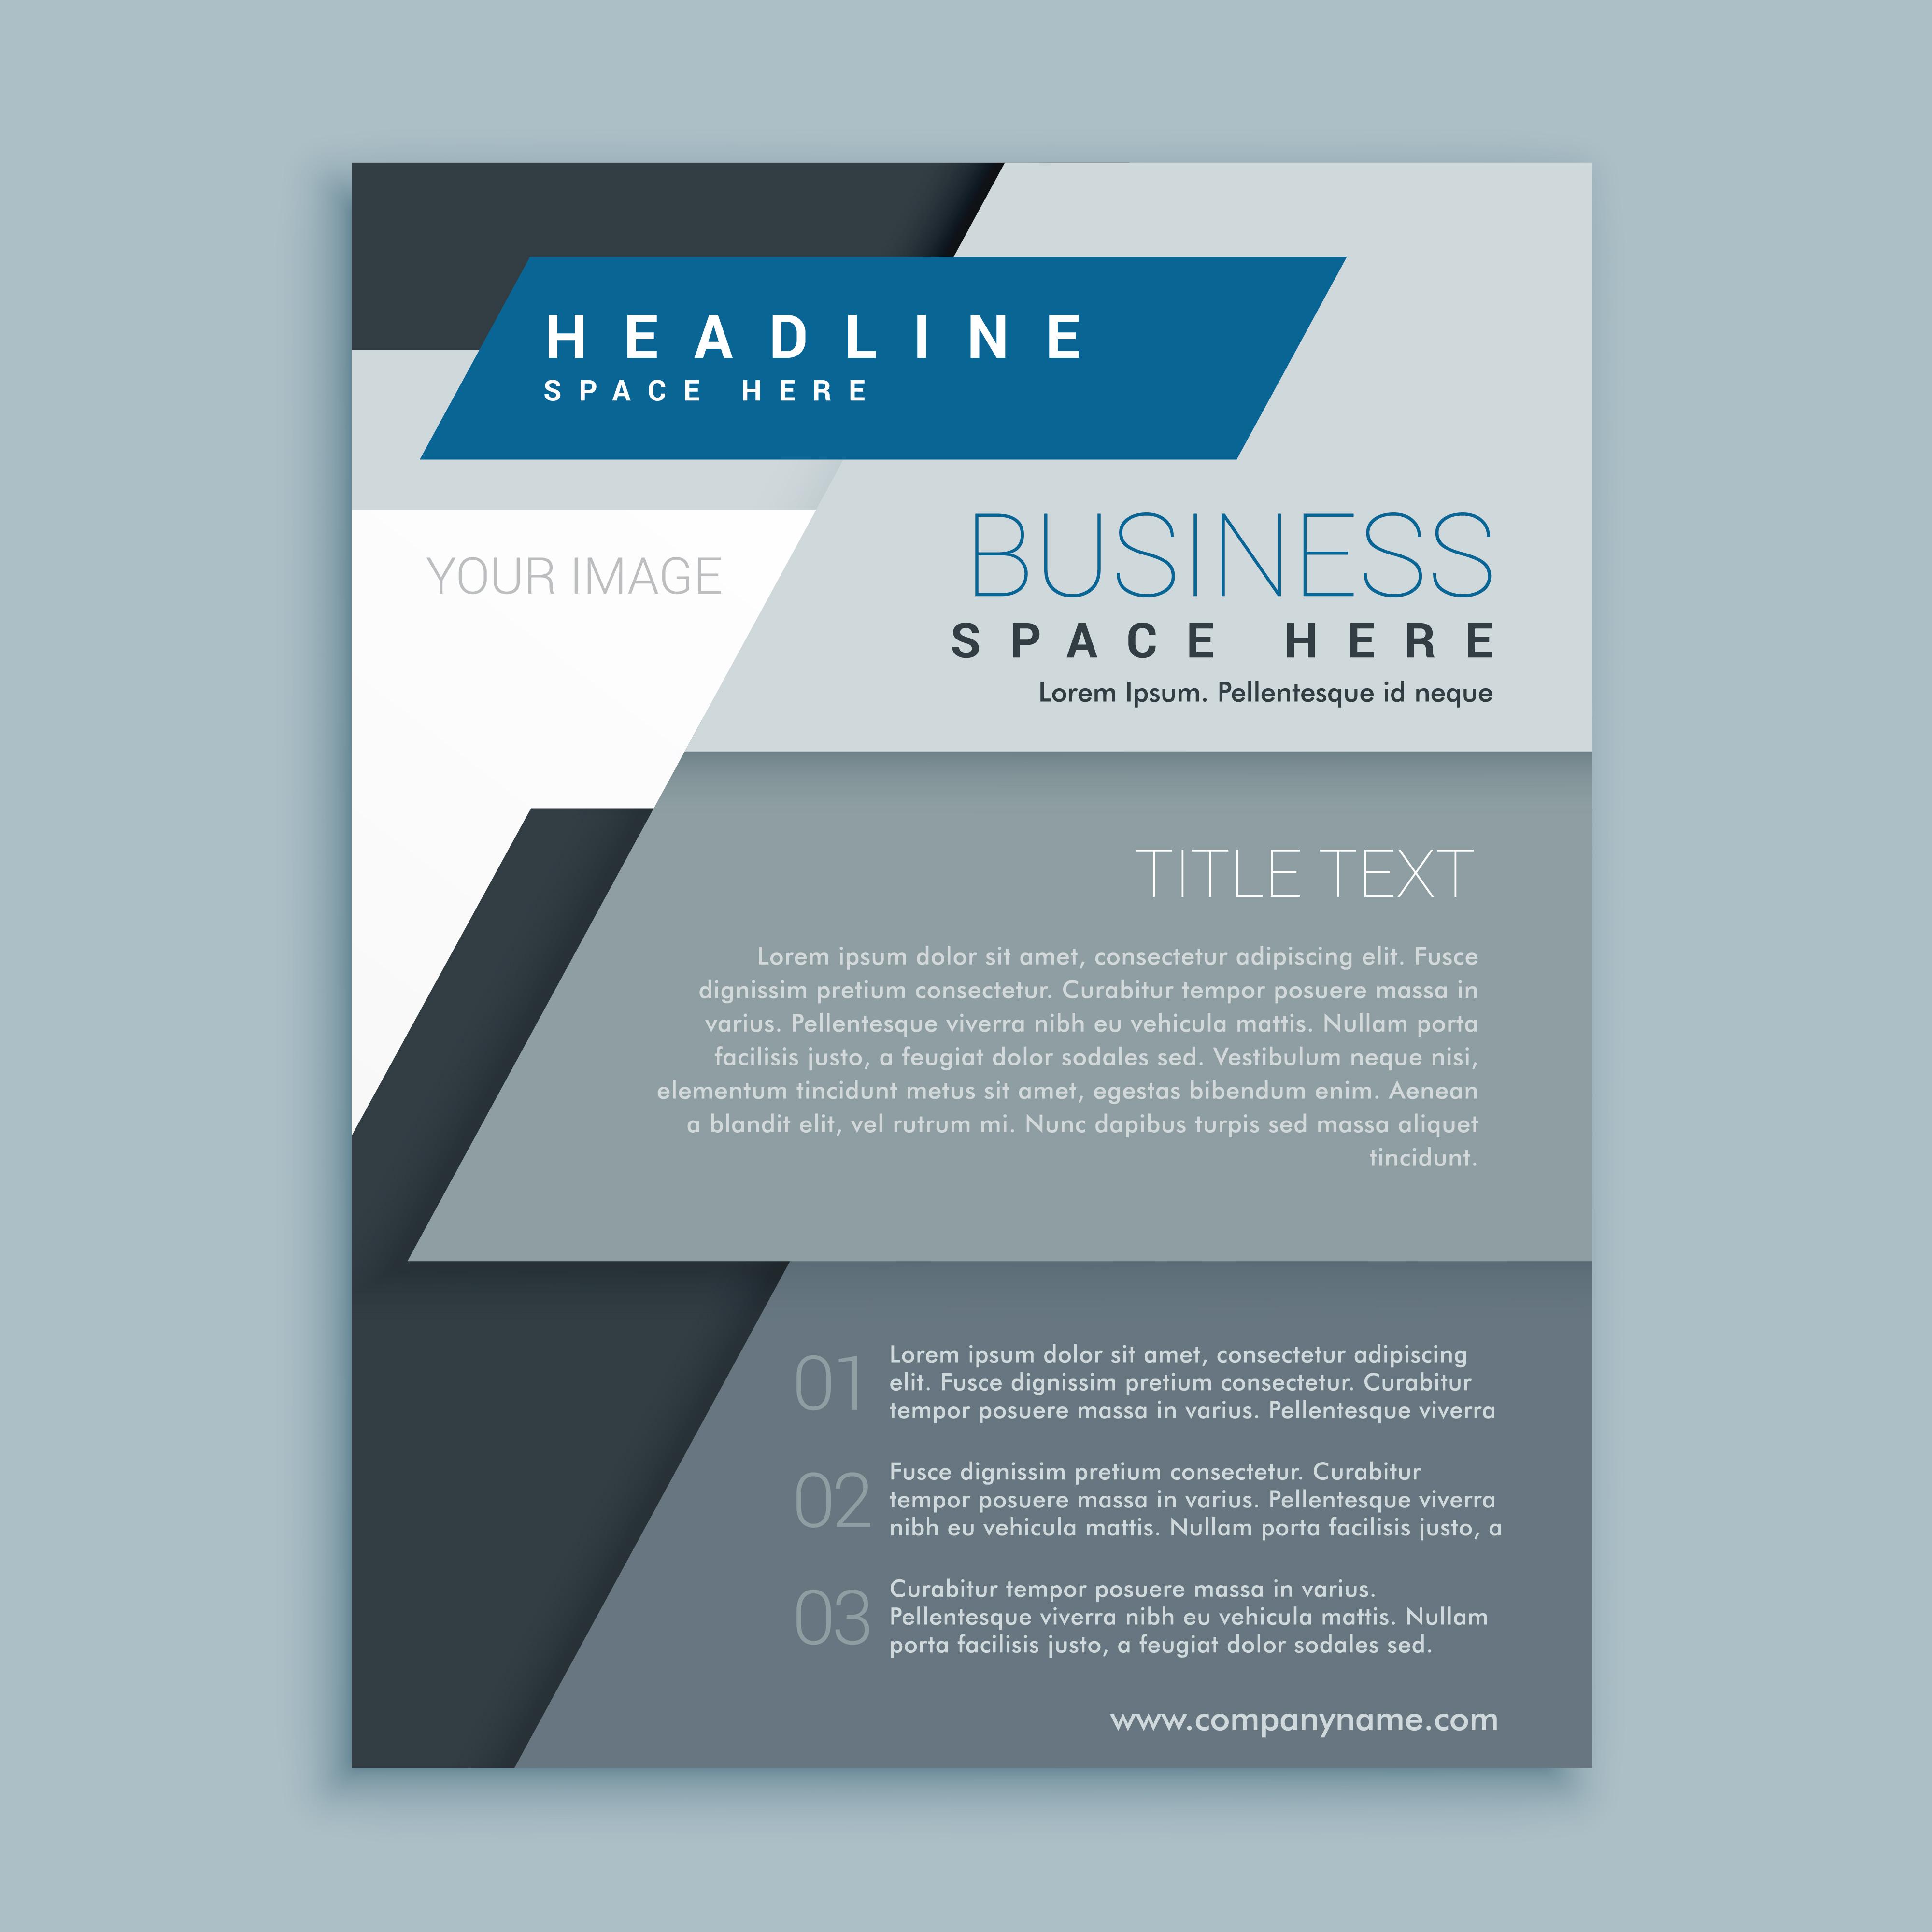 corporate brochure template free - corporate business brochure vector design template